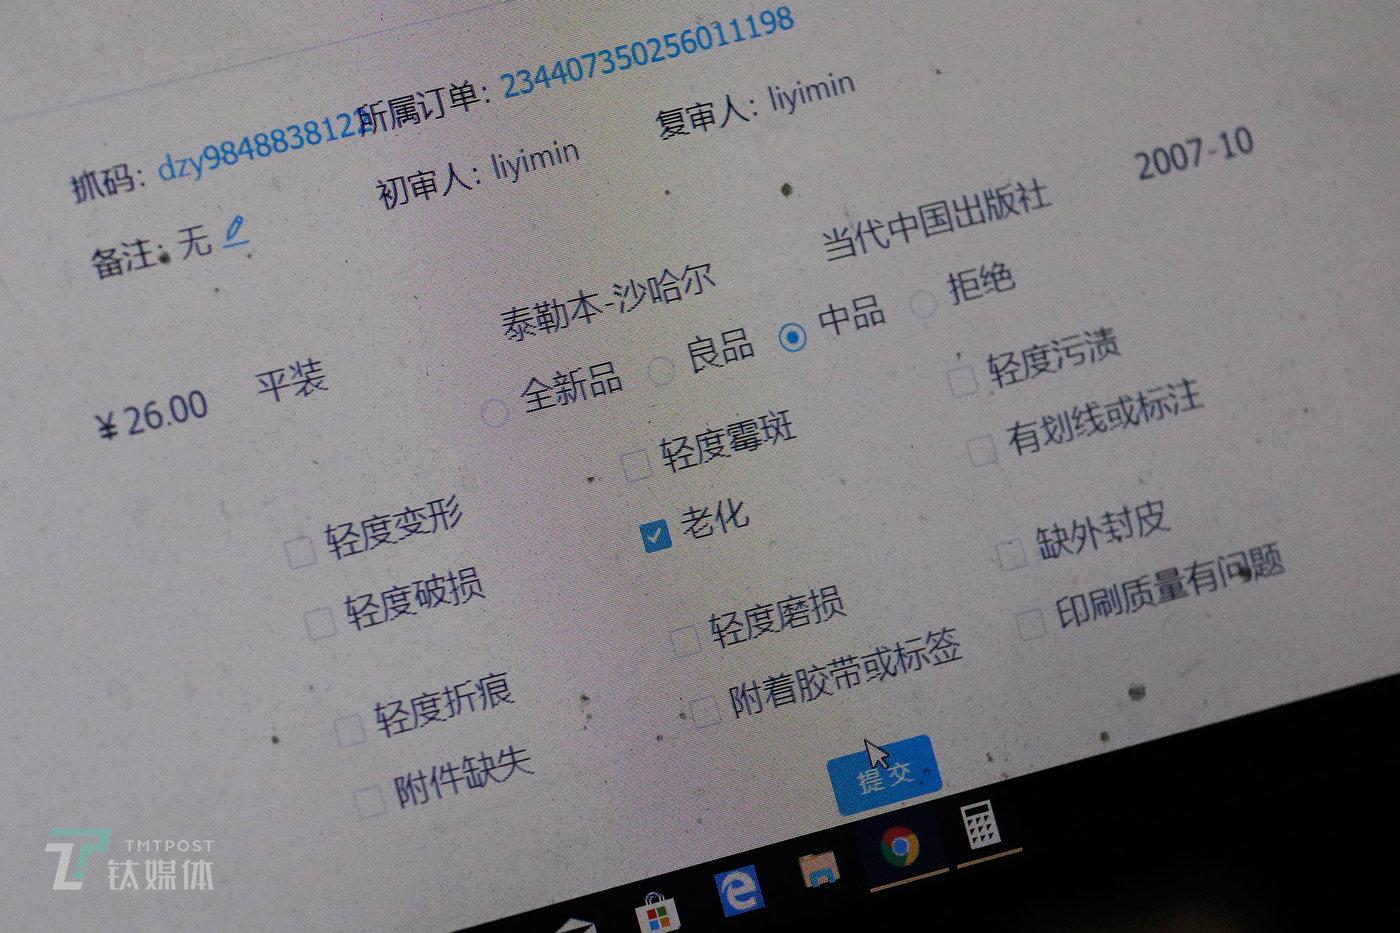 审核员会把书的瑕疵直接录入系统,并在书的售出信息上显示。